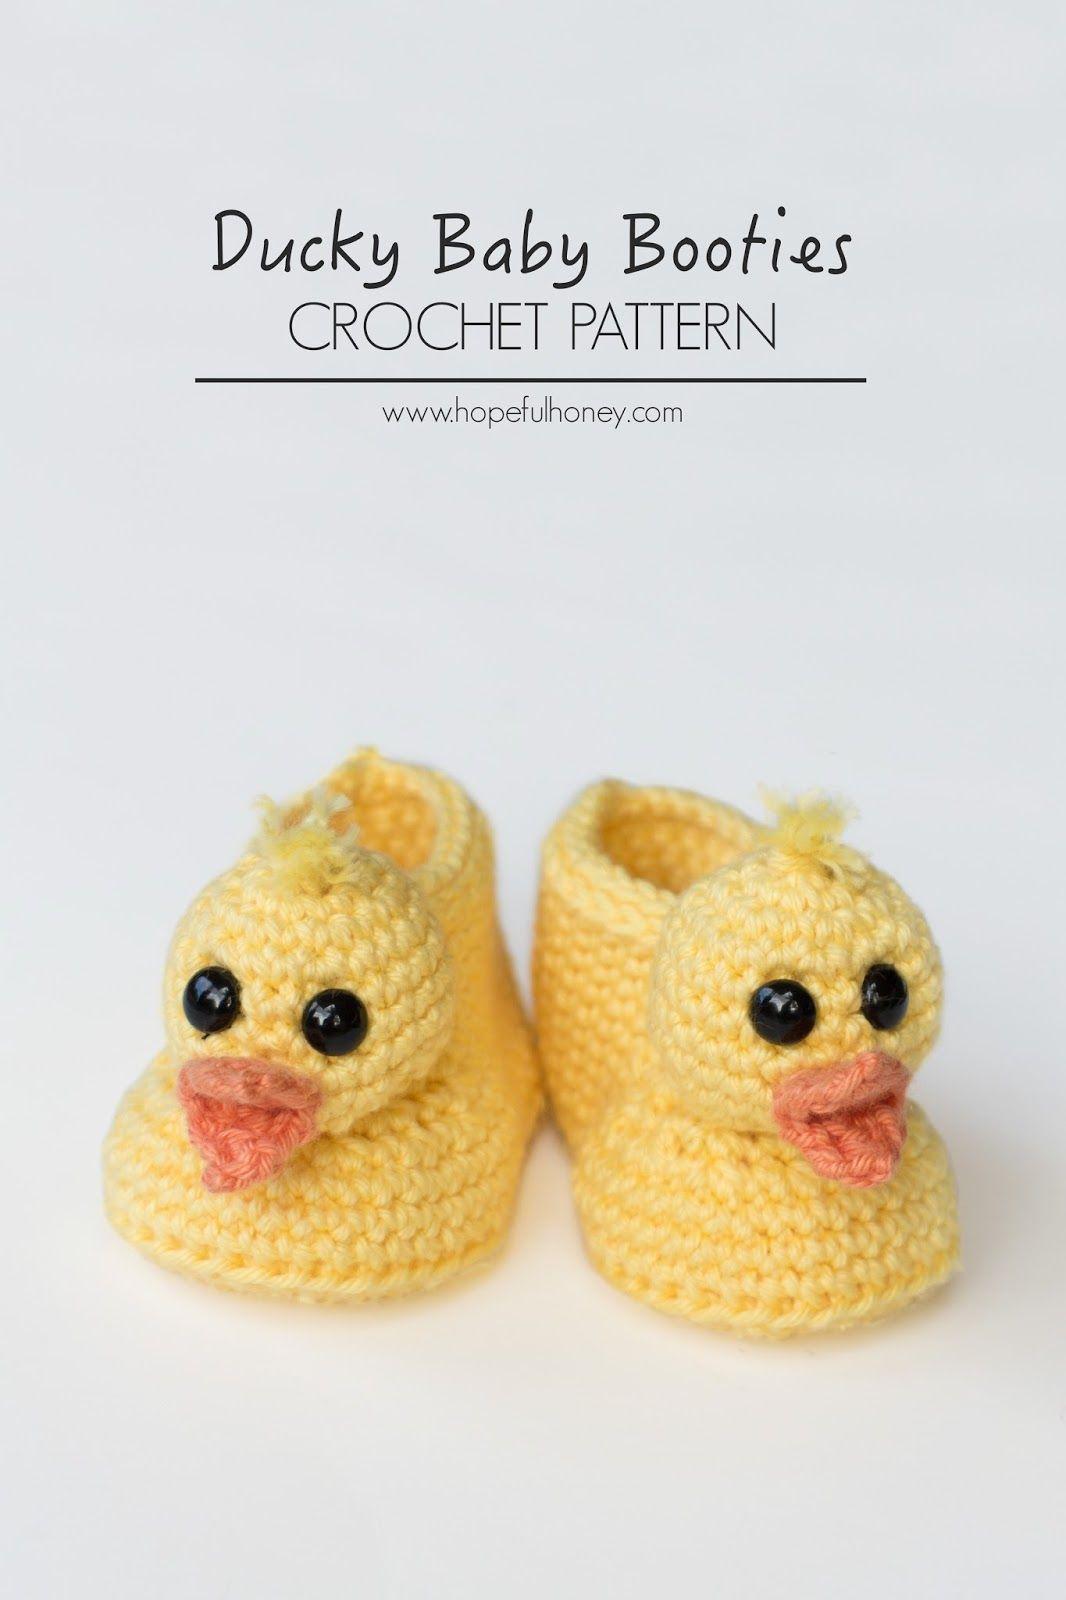 Duckling Baby Booties Crochet Pattern | Zapatos de bebé, Patrón de ...